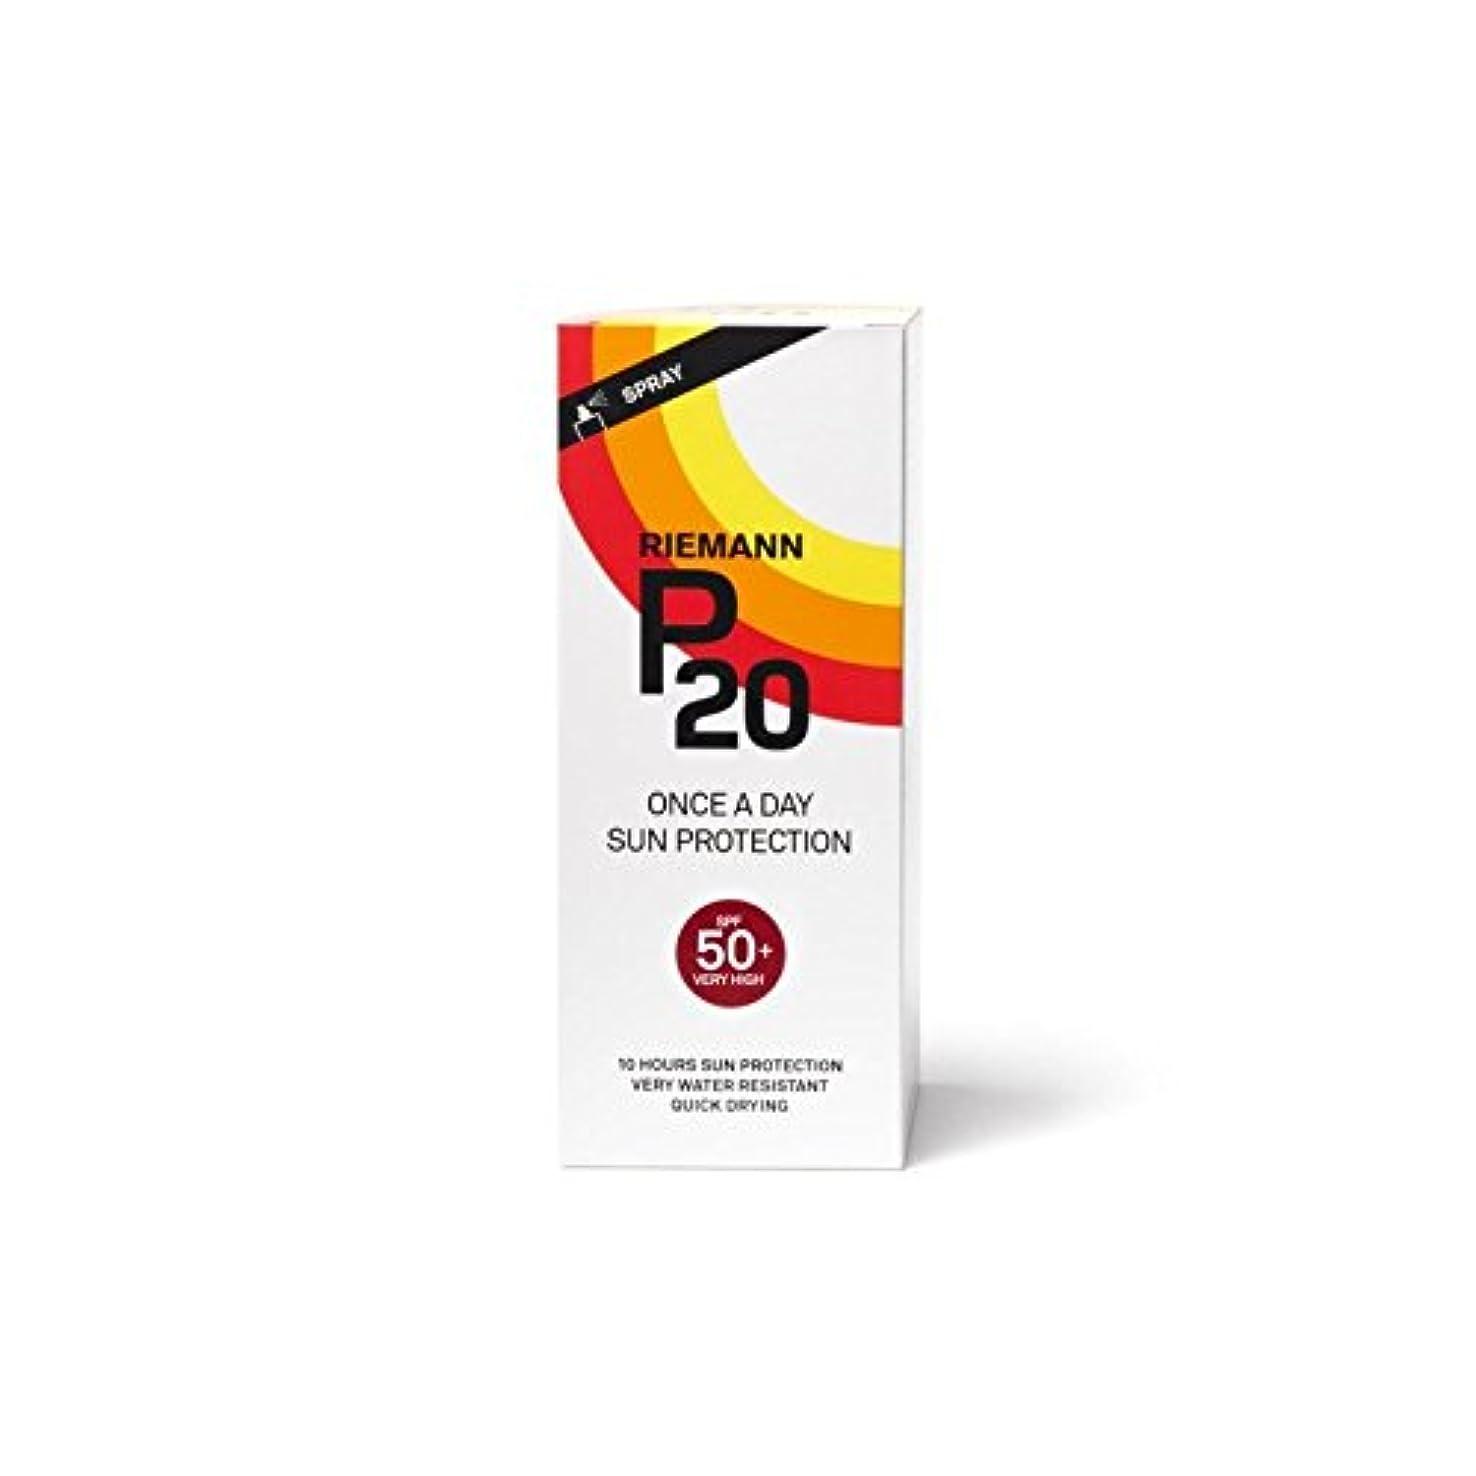 住人憤る抜本的なRiemann P20 Once a Day Sun Filter 200ml SPF50+ (Pack of 6) - 一日の日に一度リーマン20は、200ミリリットル50 +のをフィルタリング x6 [並行輸入品]